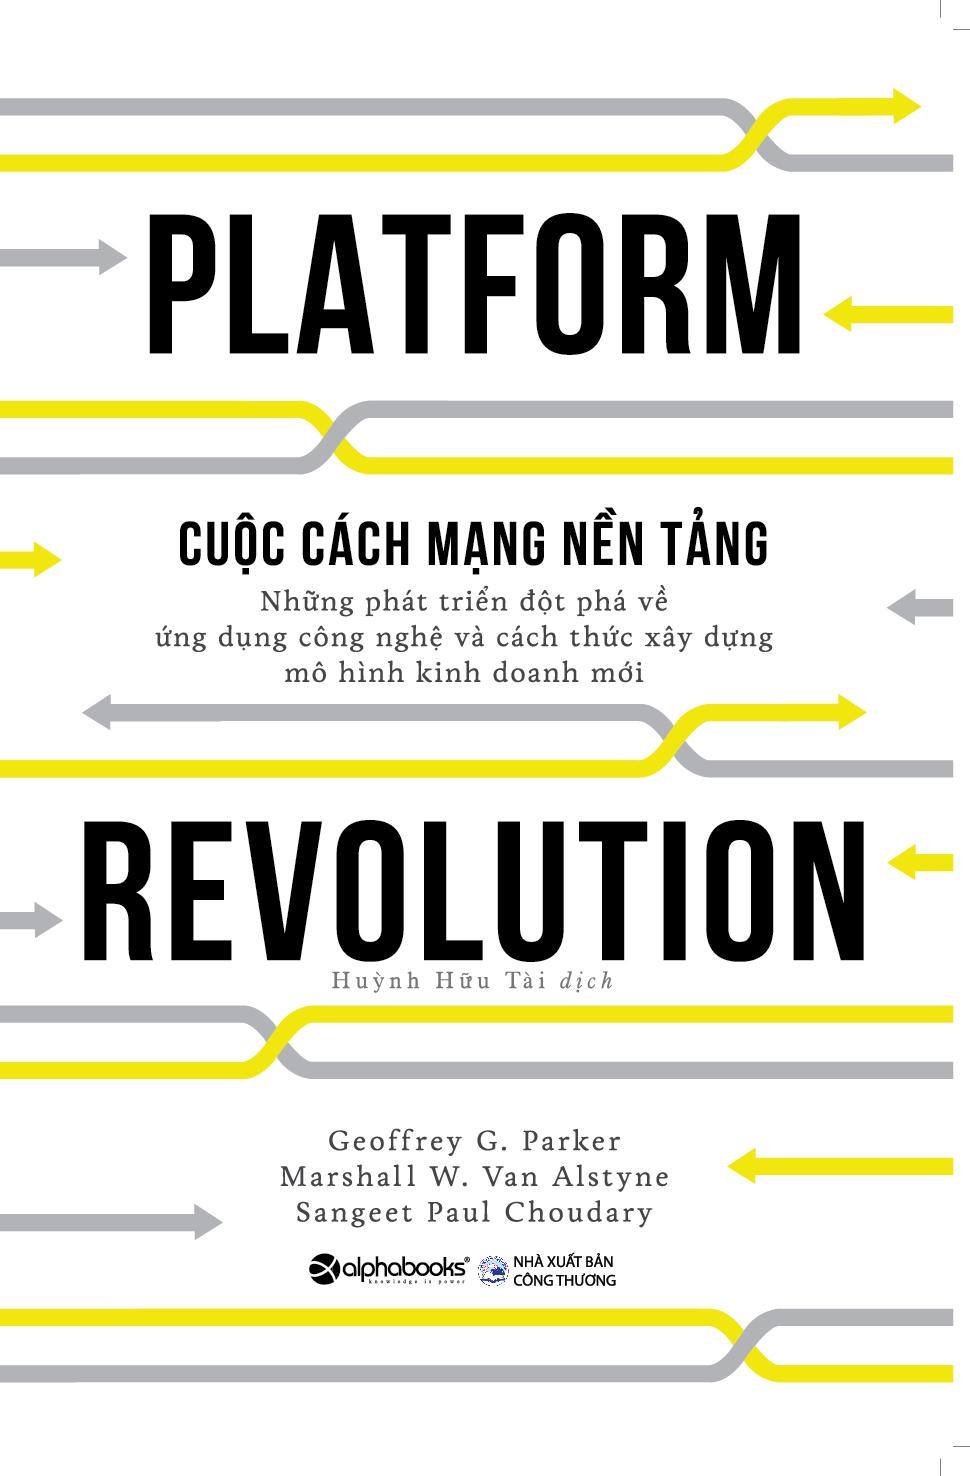 The Platform Revolution - Cuộc Cách Mạng Nền Tảng